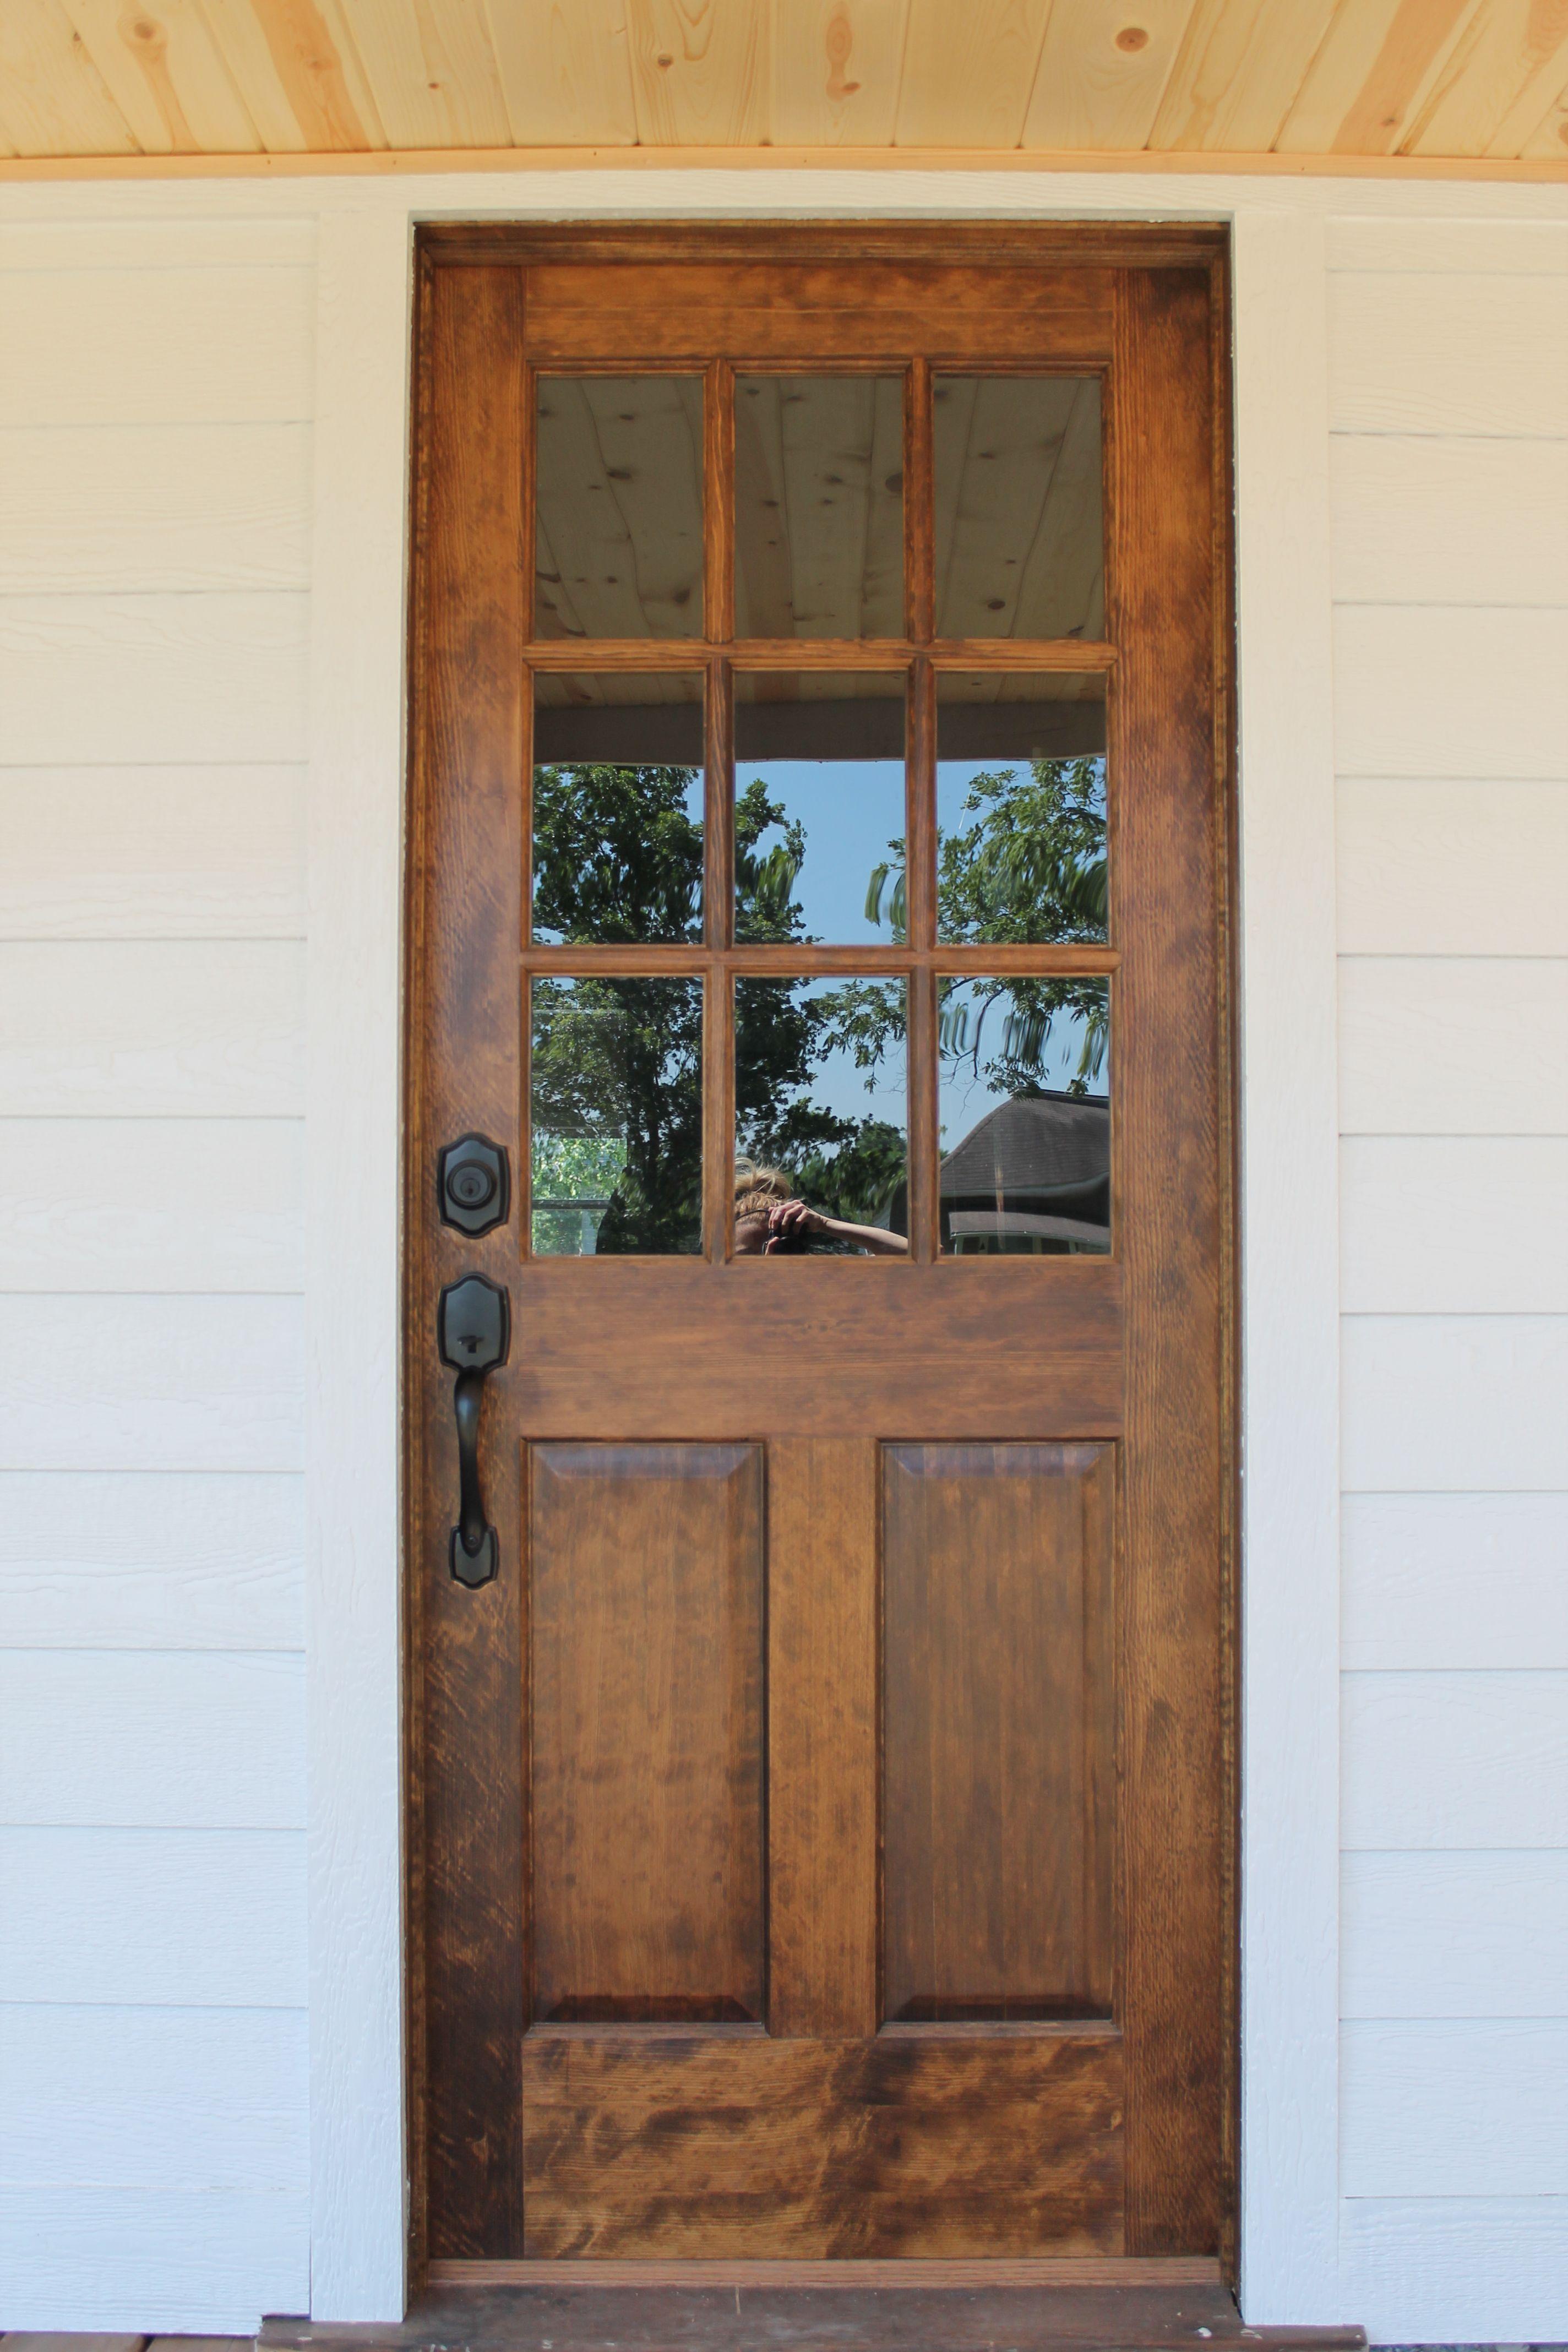 Im In Love With Our New Front Door Solid Hardwood Door With Windows White Siding Wood Beadboard Basement Remodeling Exterior Front Doors Wooden Front Doors